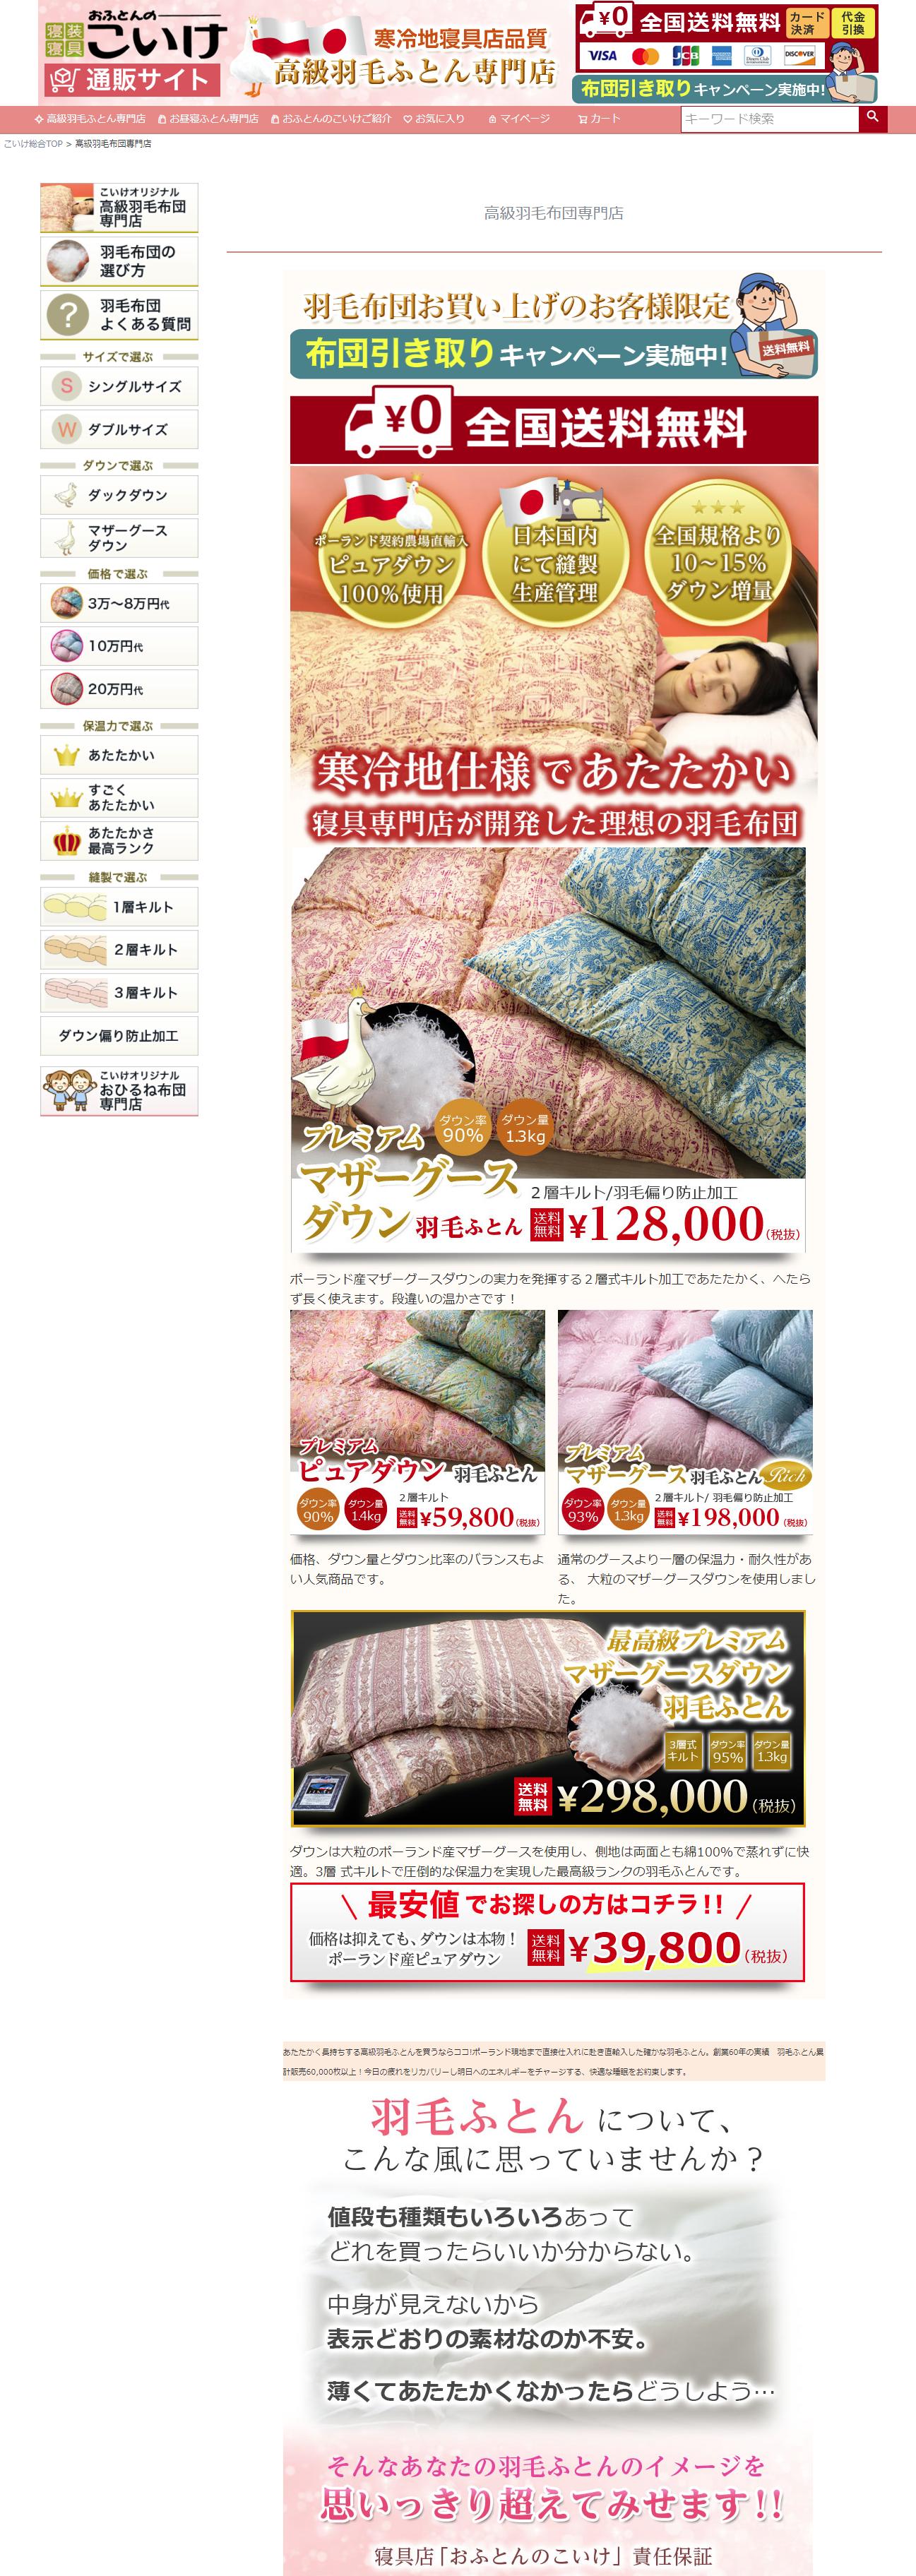 ホームページ制作・ネットショップ 飯田市吾妻町 おふとんのこいけ様 羽毛布団専門店